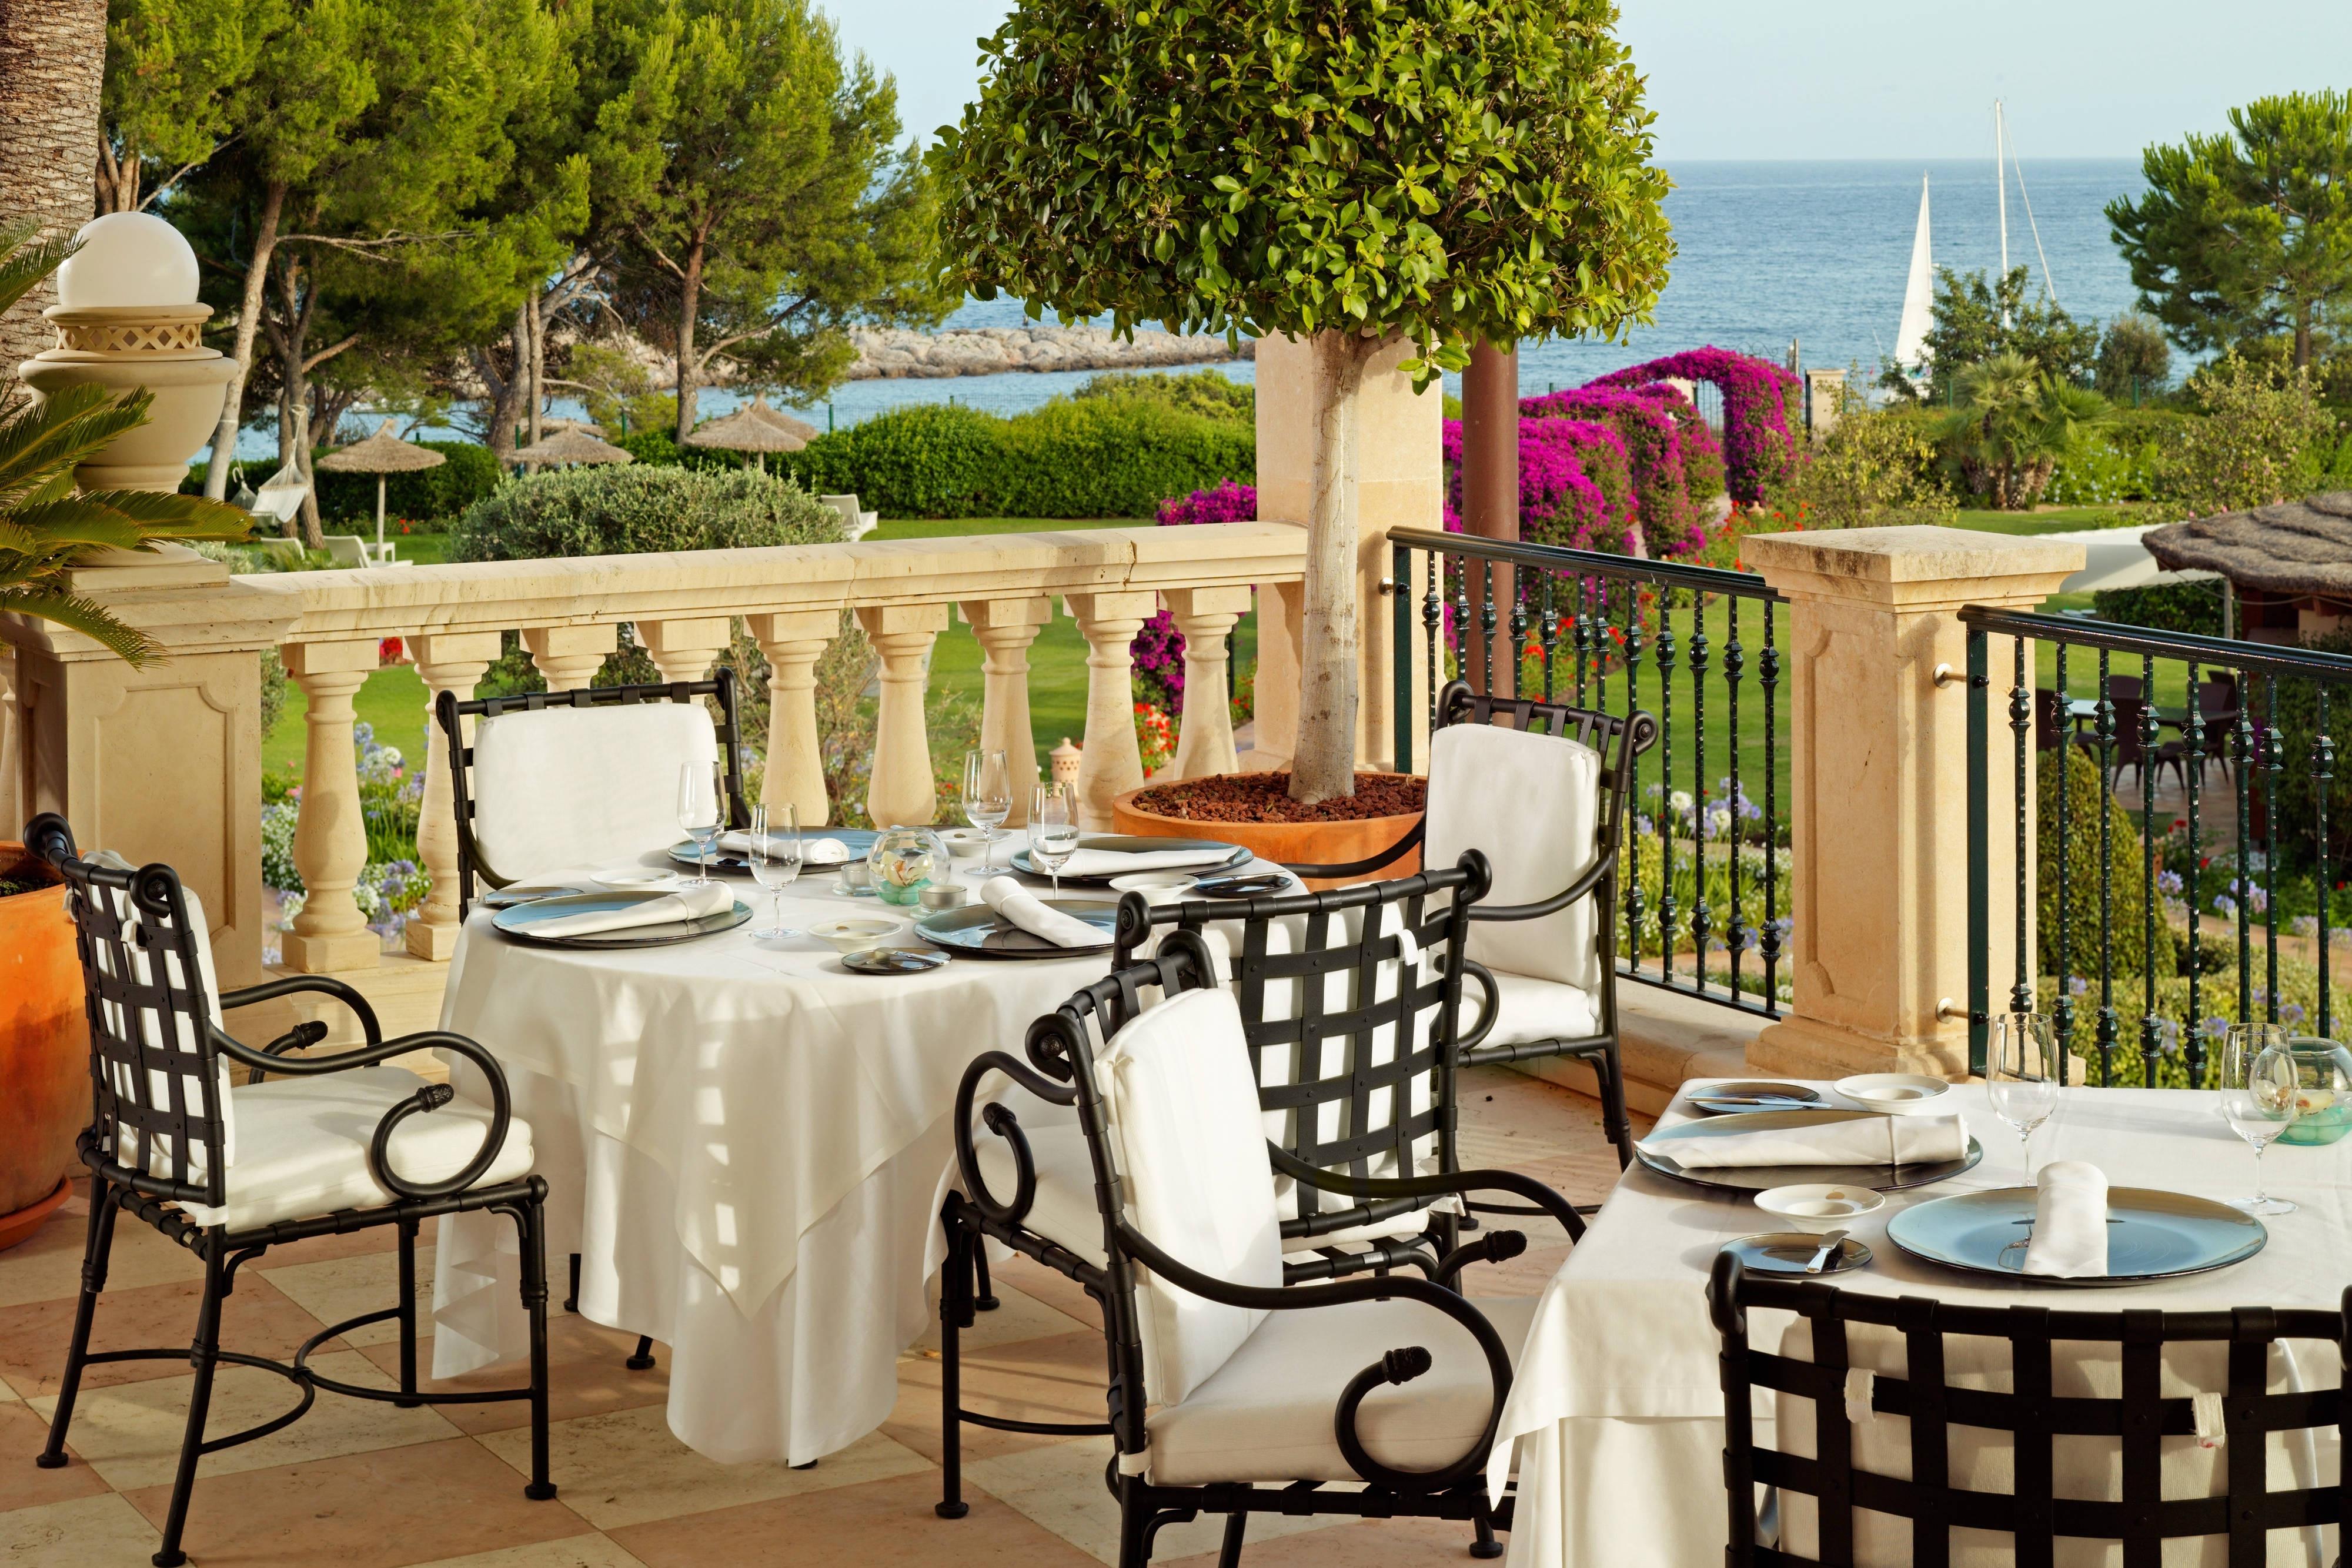 Restaurant Es Fum - Terrace